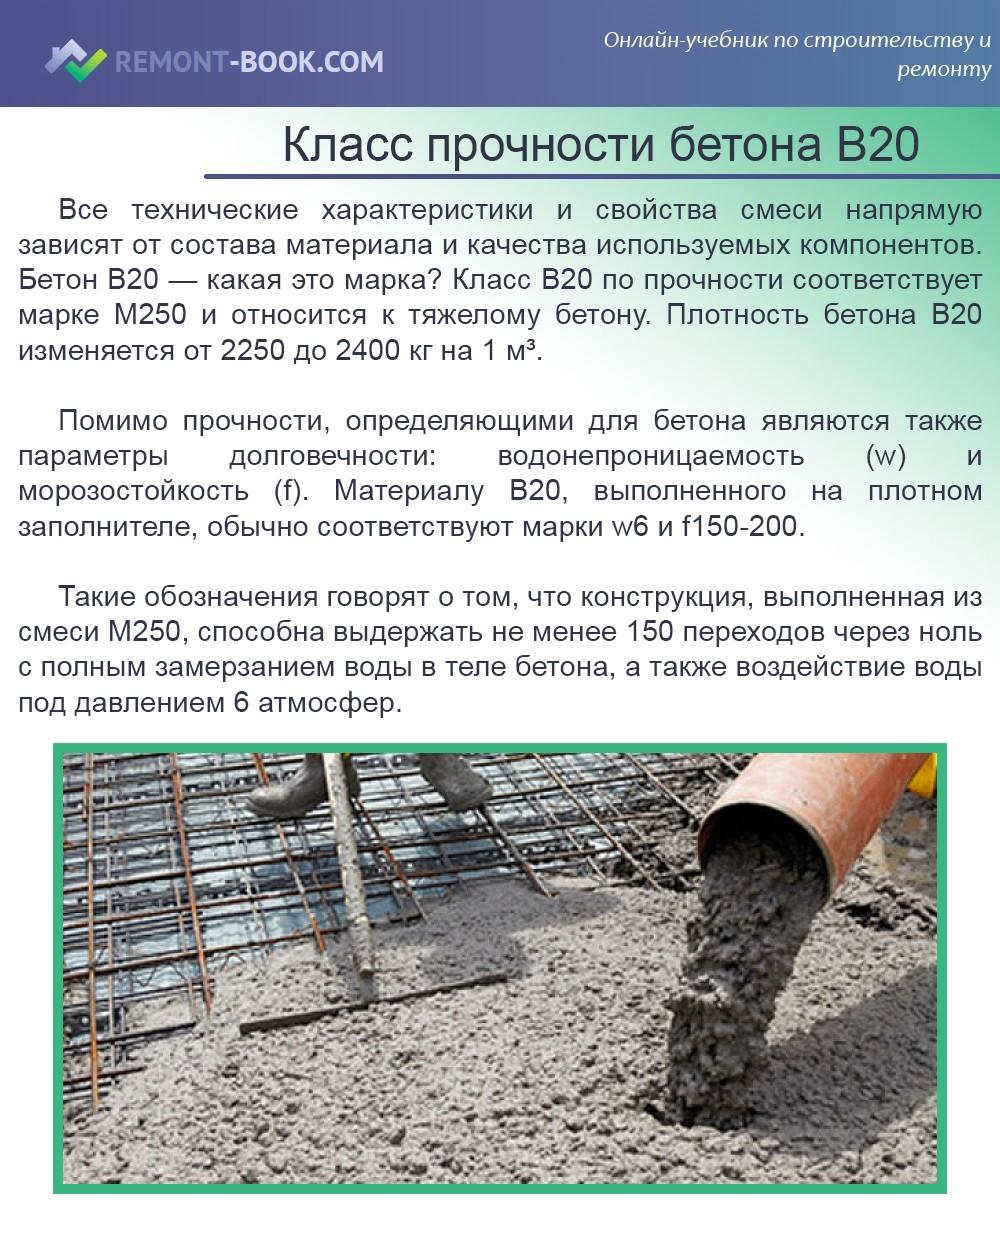 Класс прочности бетона В20